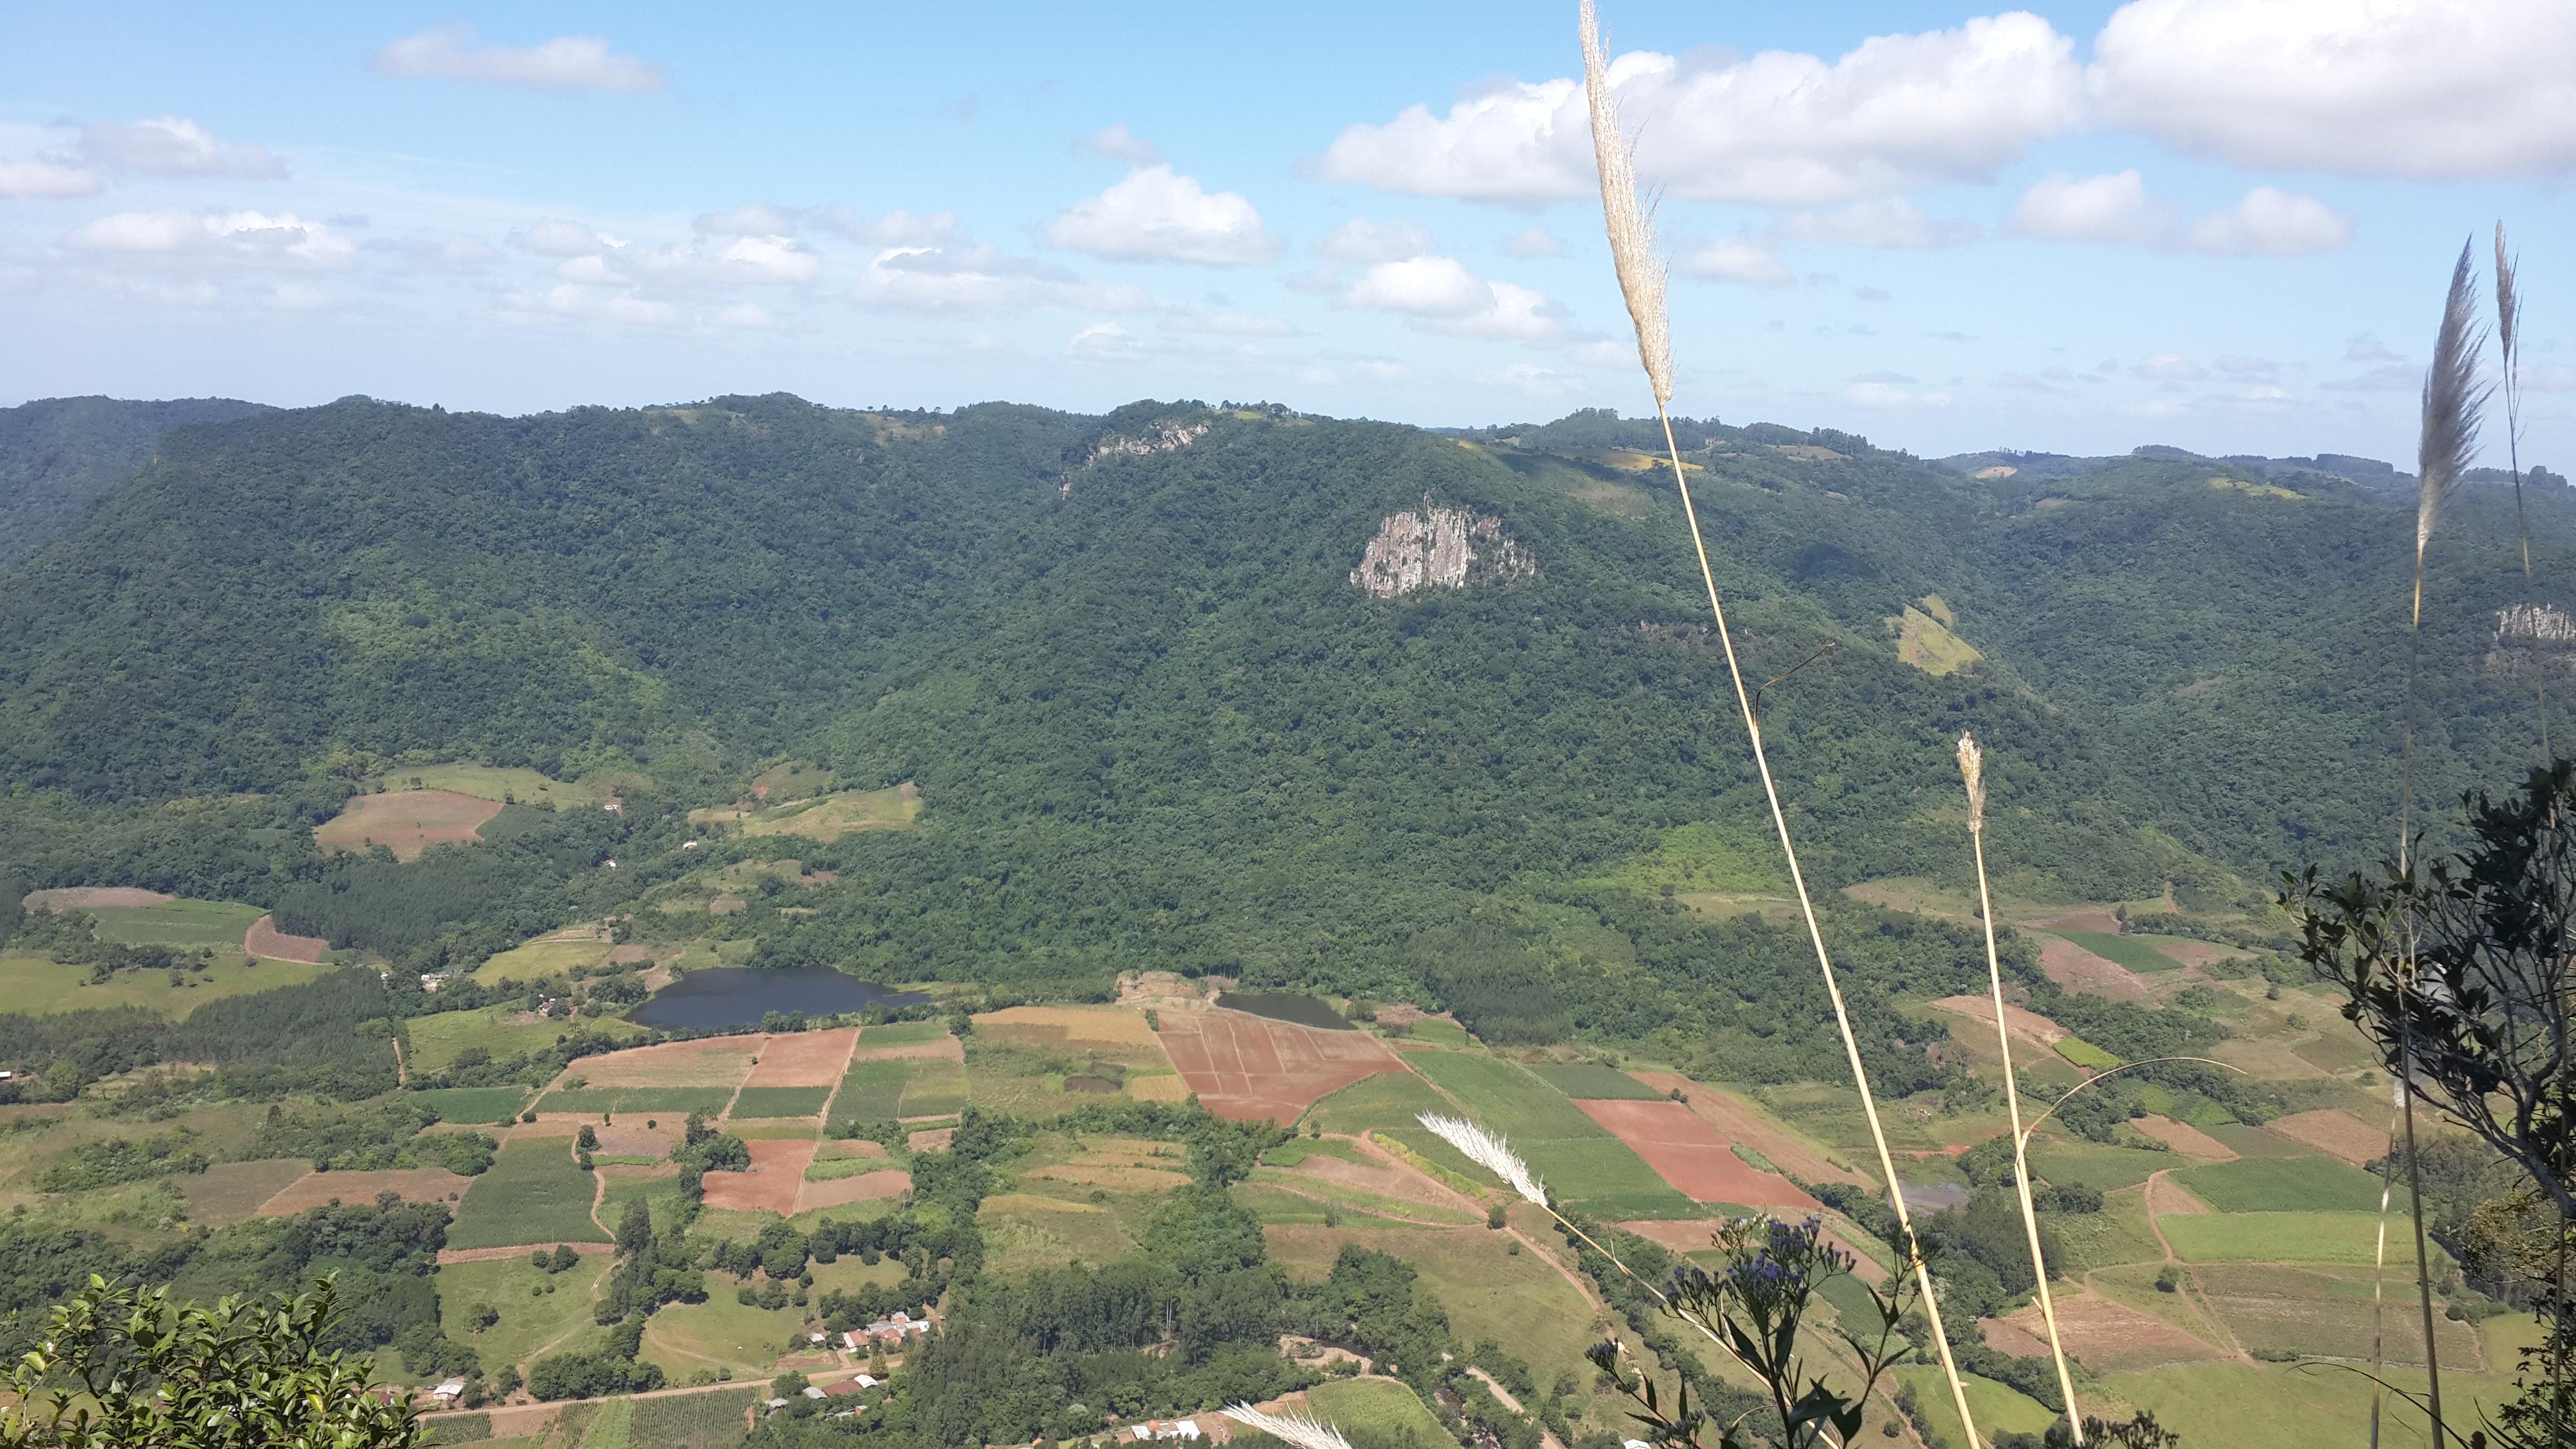 Cerro Branco Rio Grande do Sul fonte: upload.wikimedia.org